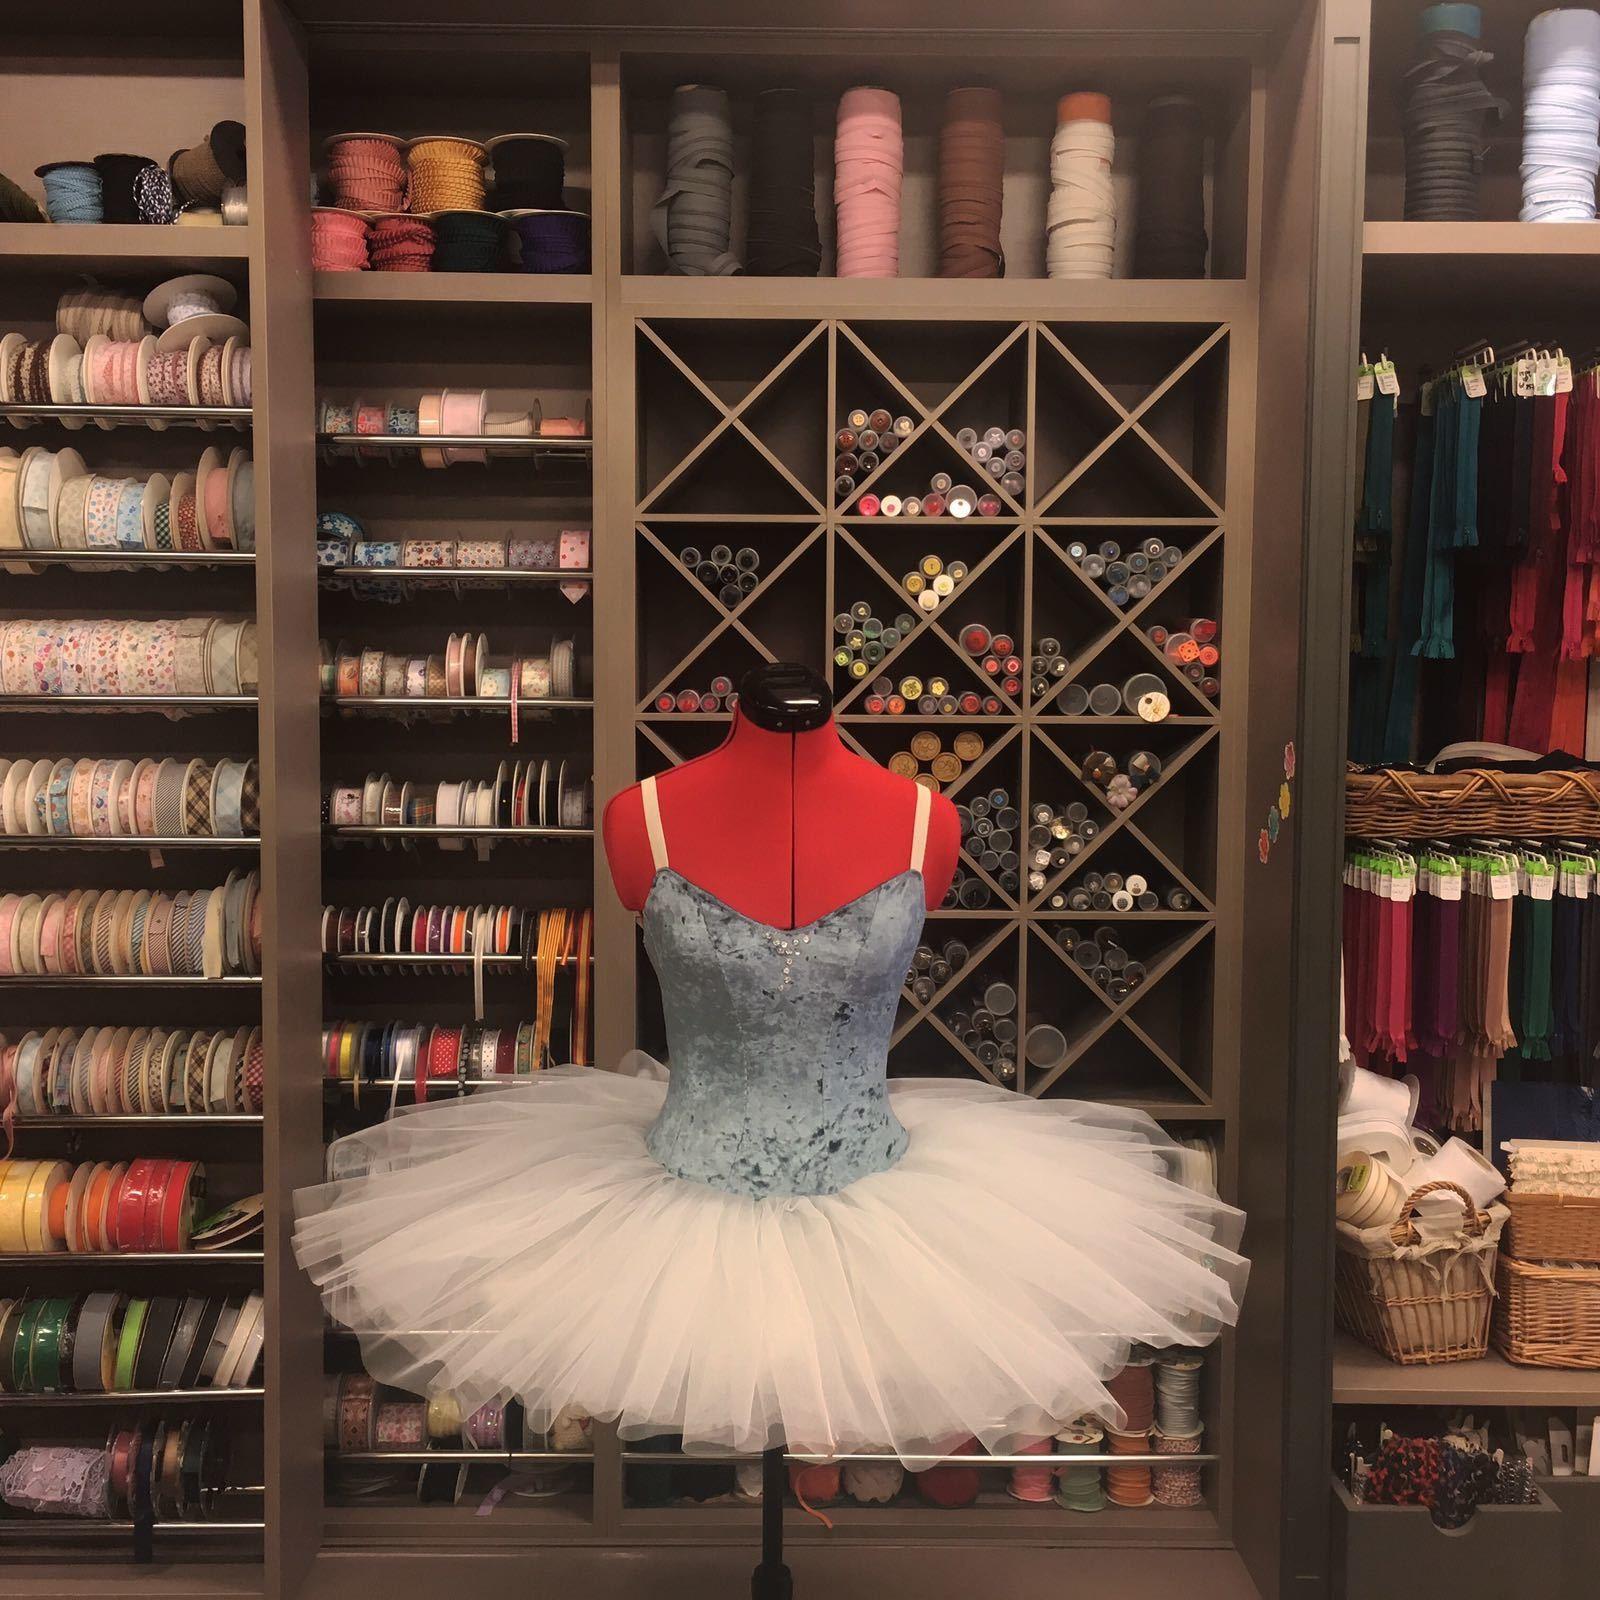 836da83b9 disenadora-modista-internacional-curso-costura-para-ballet-aprende-hacer- tutu-sin-coser-para-ninas-adultas.jpg